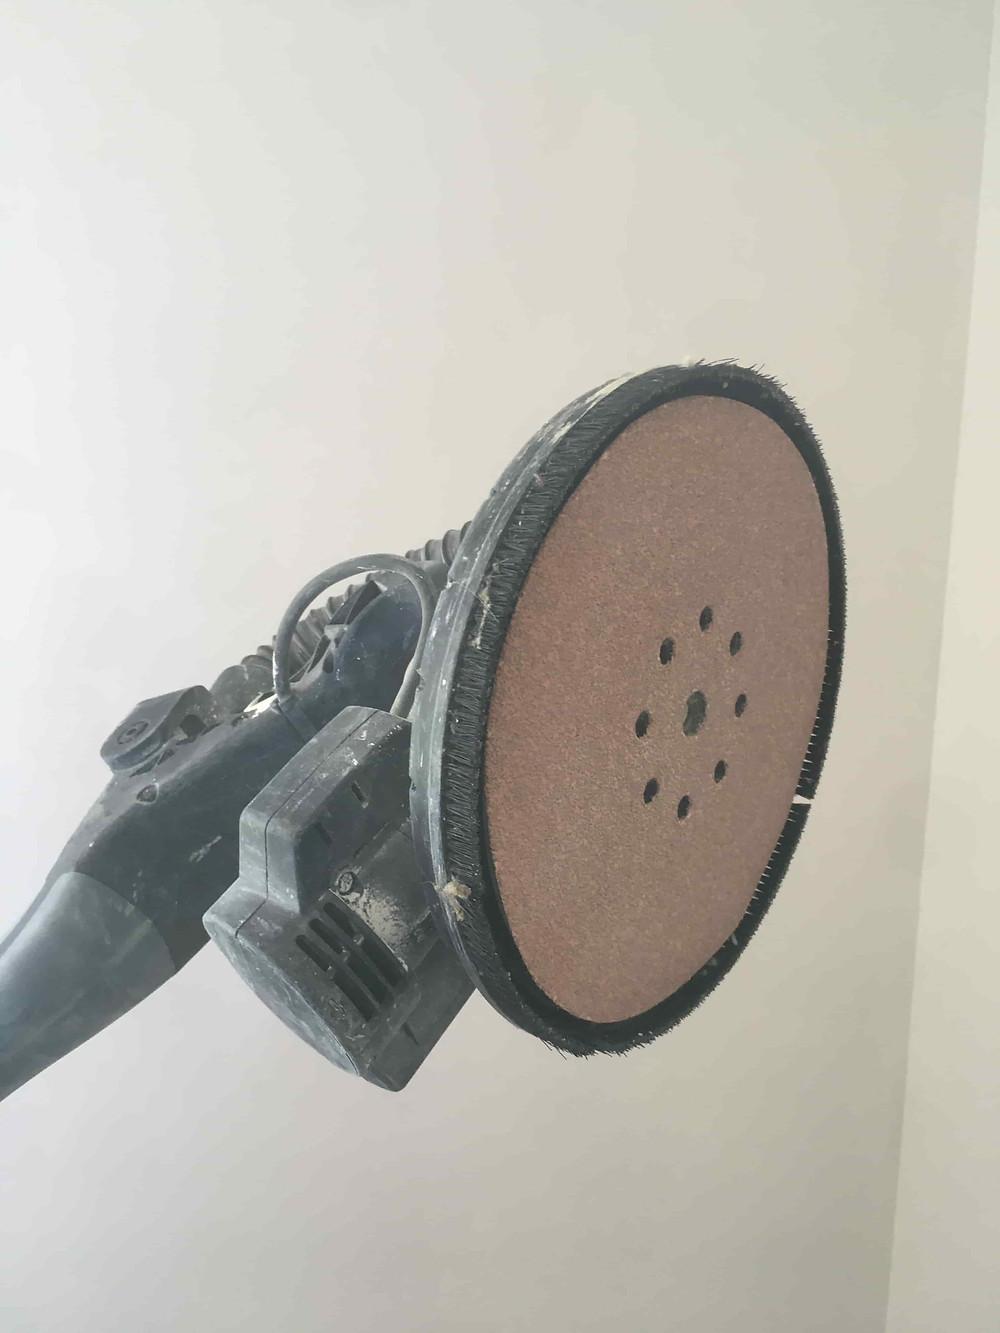 Ponceuse rotative d'enduiseur et peintre